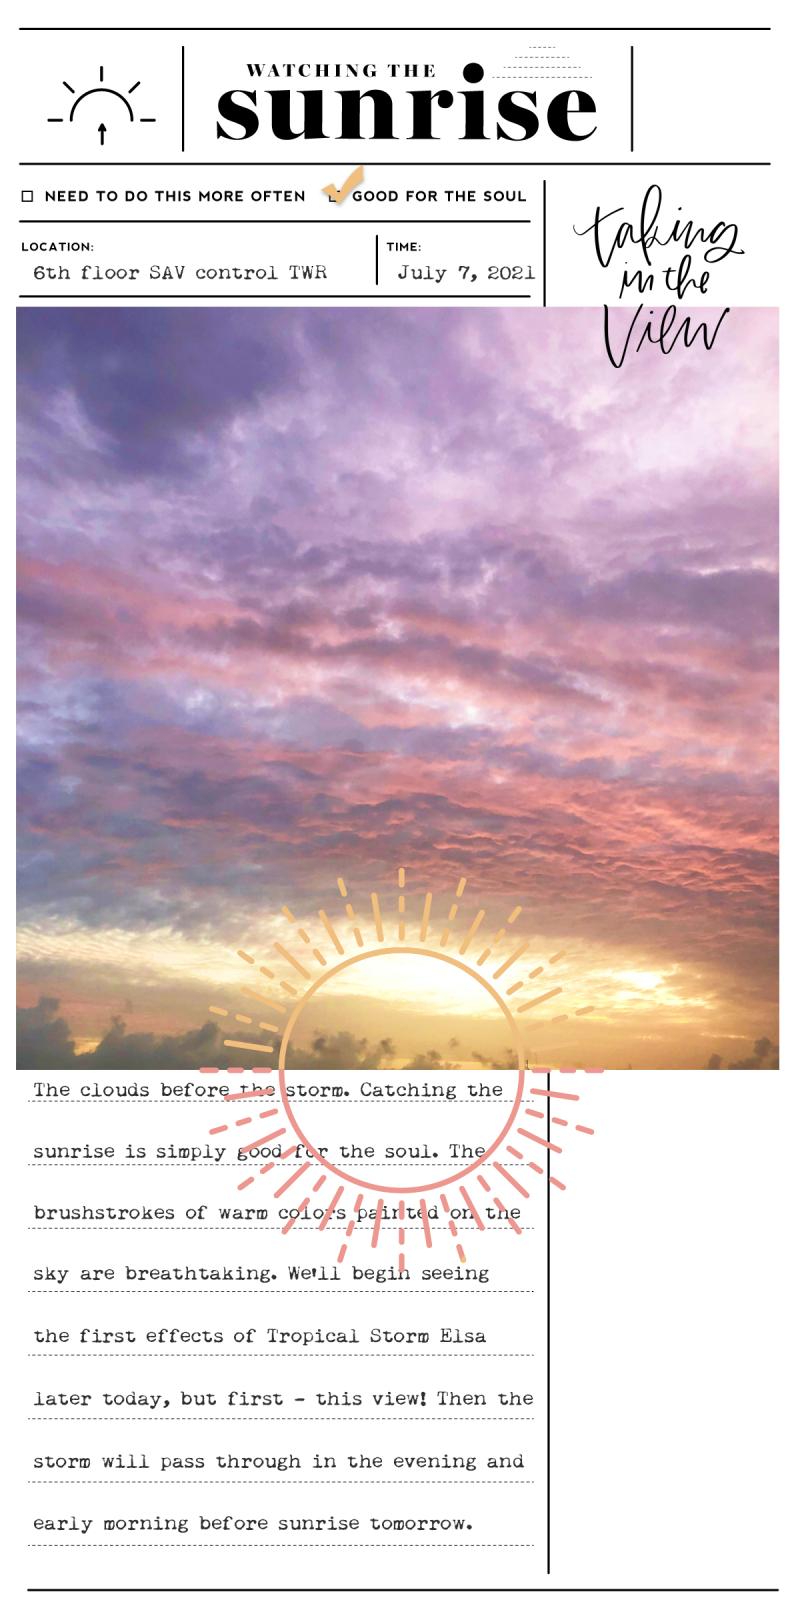 31 Sunrises 7